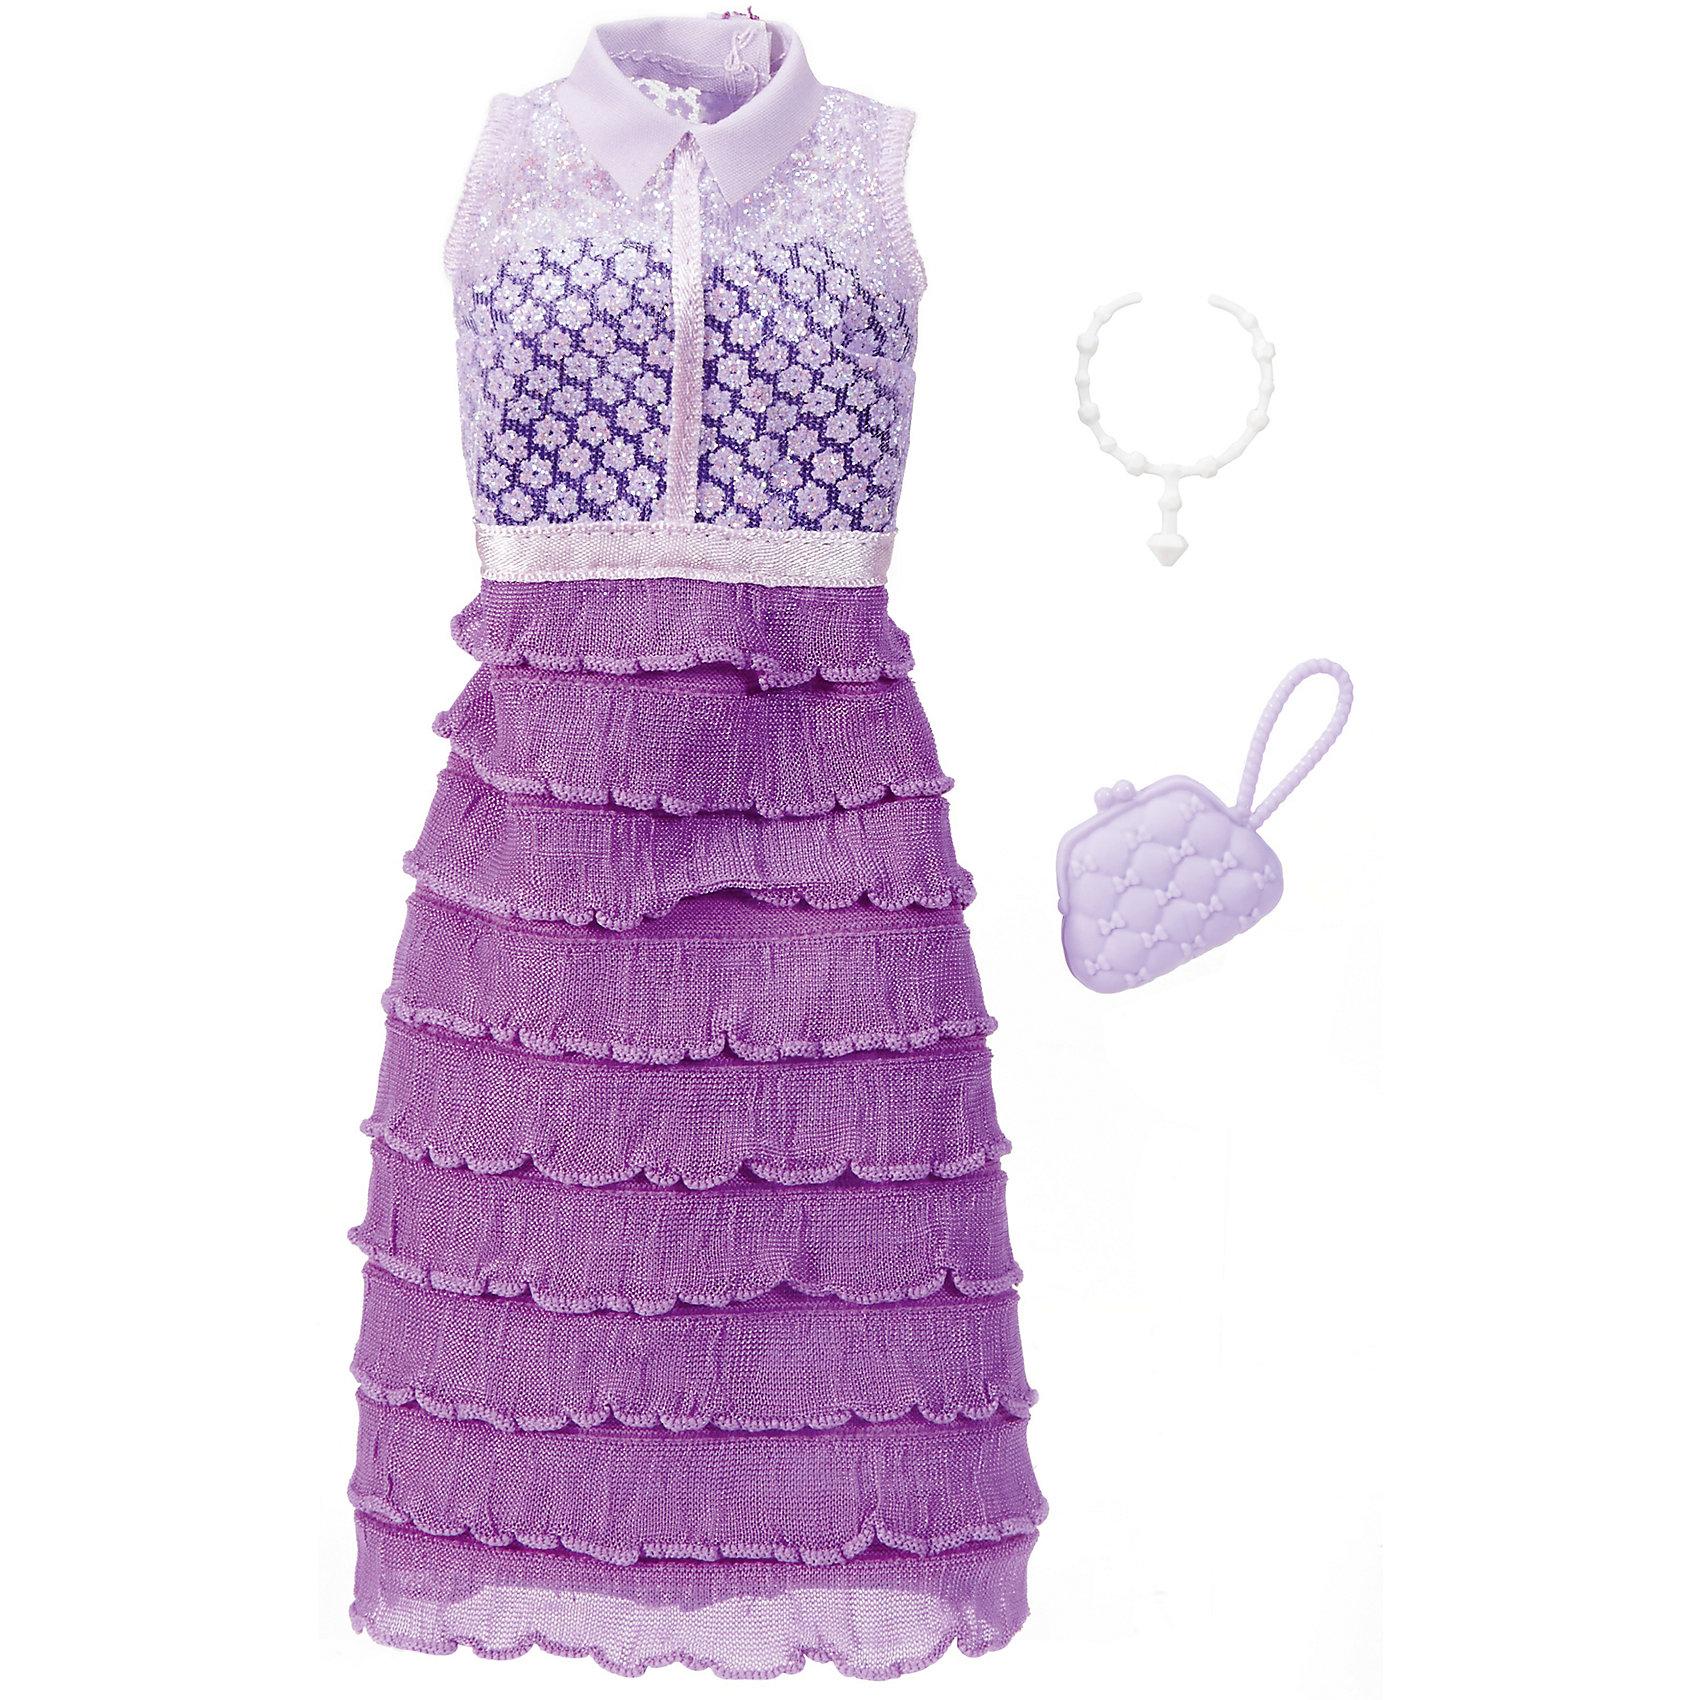 Универсальное праздничное платье для BarbieКукольная одежда и аксессуары<br><br><br>Ширина мм: 257<br>Глубина мм: 116<br>Высота мм: 12<br>Вес г: 26<br>Возраст от месяцев: 36<br>Возраст до месяцев: 72<br>Пол: Женский<br>Возраст: Детский<br>SKU: 6680134